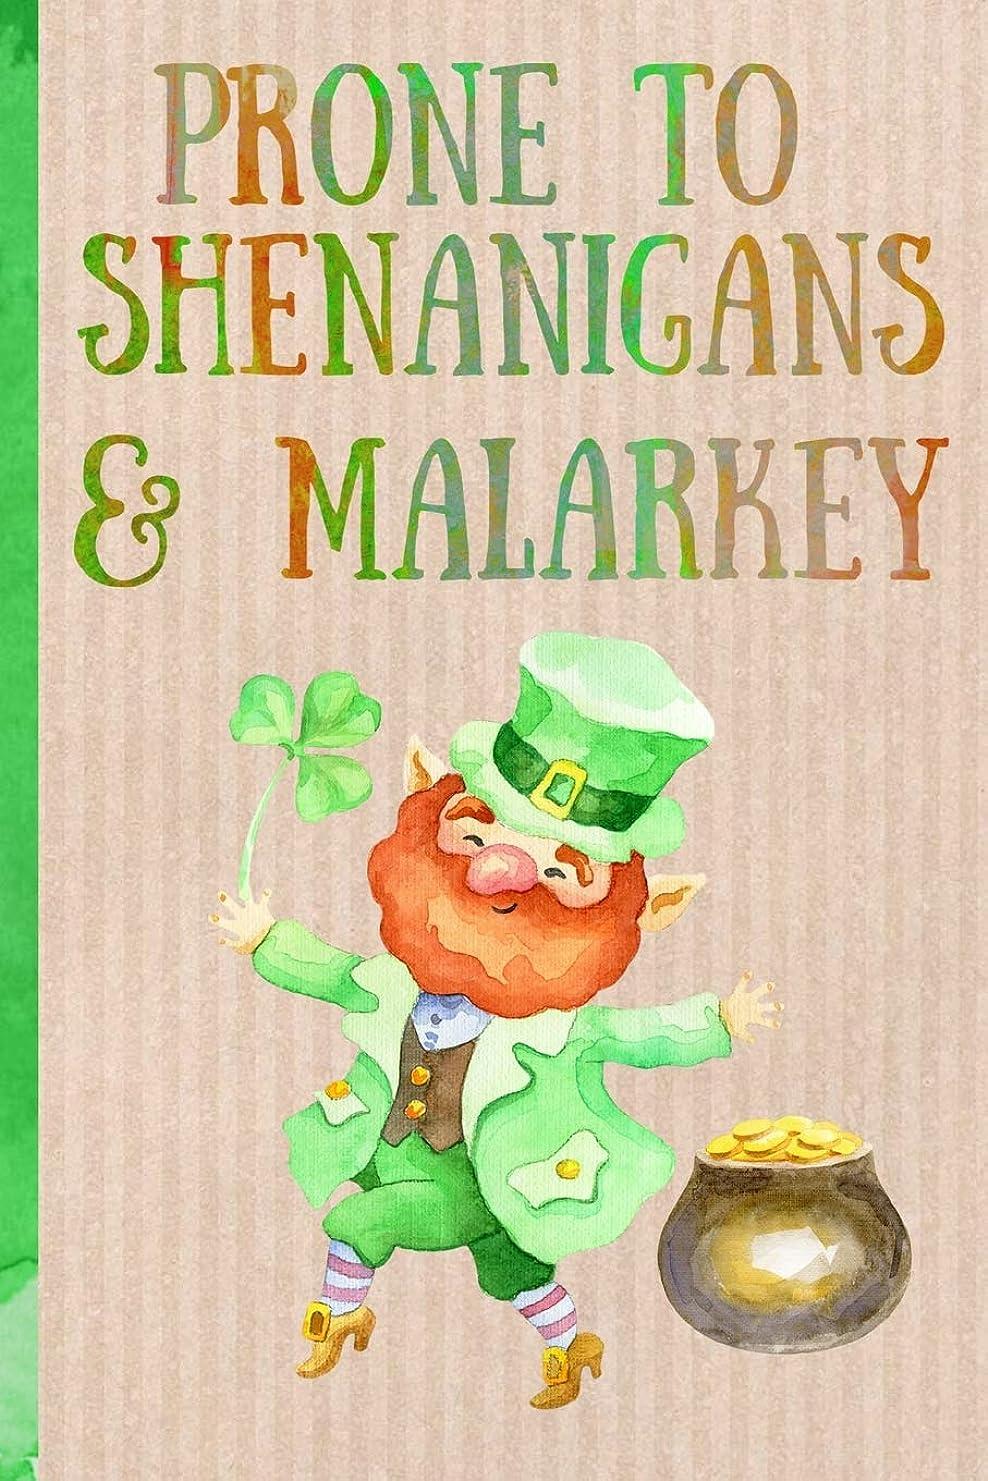 項目誤解するハリケーンNotebook: Prone to shenanigans & Malarkey. Funny Blank Novelty Journal, Perfect as a St Patricks gift & a great alternative to a card. Leprechaun